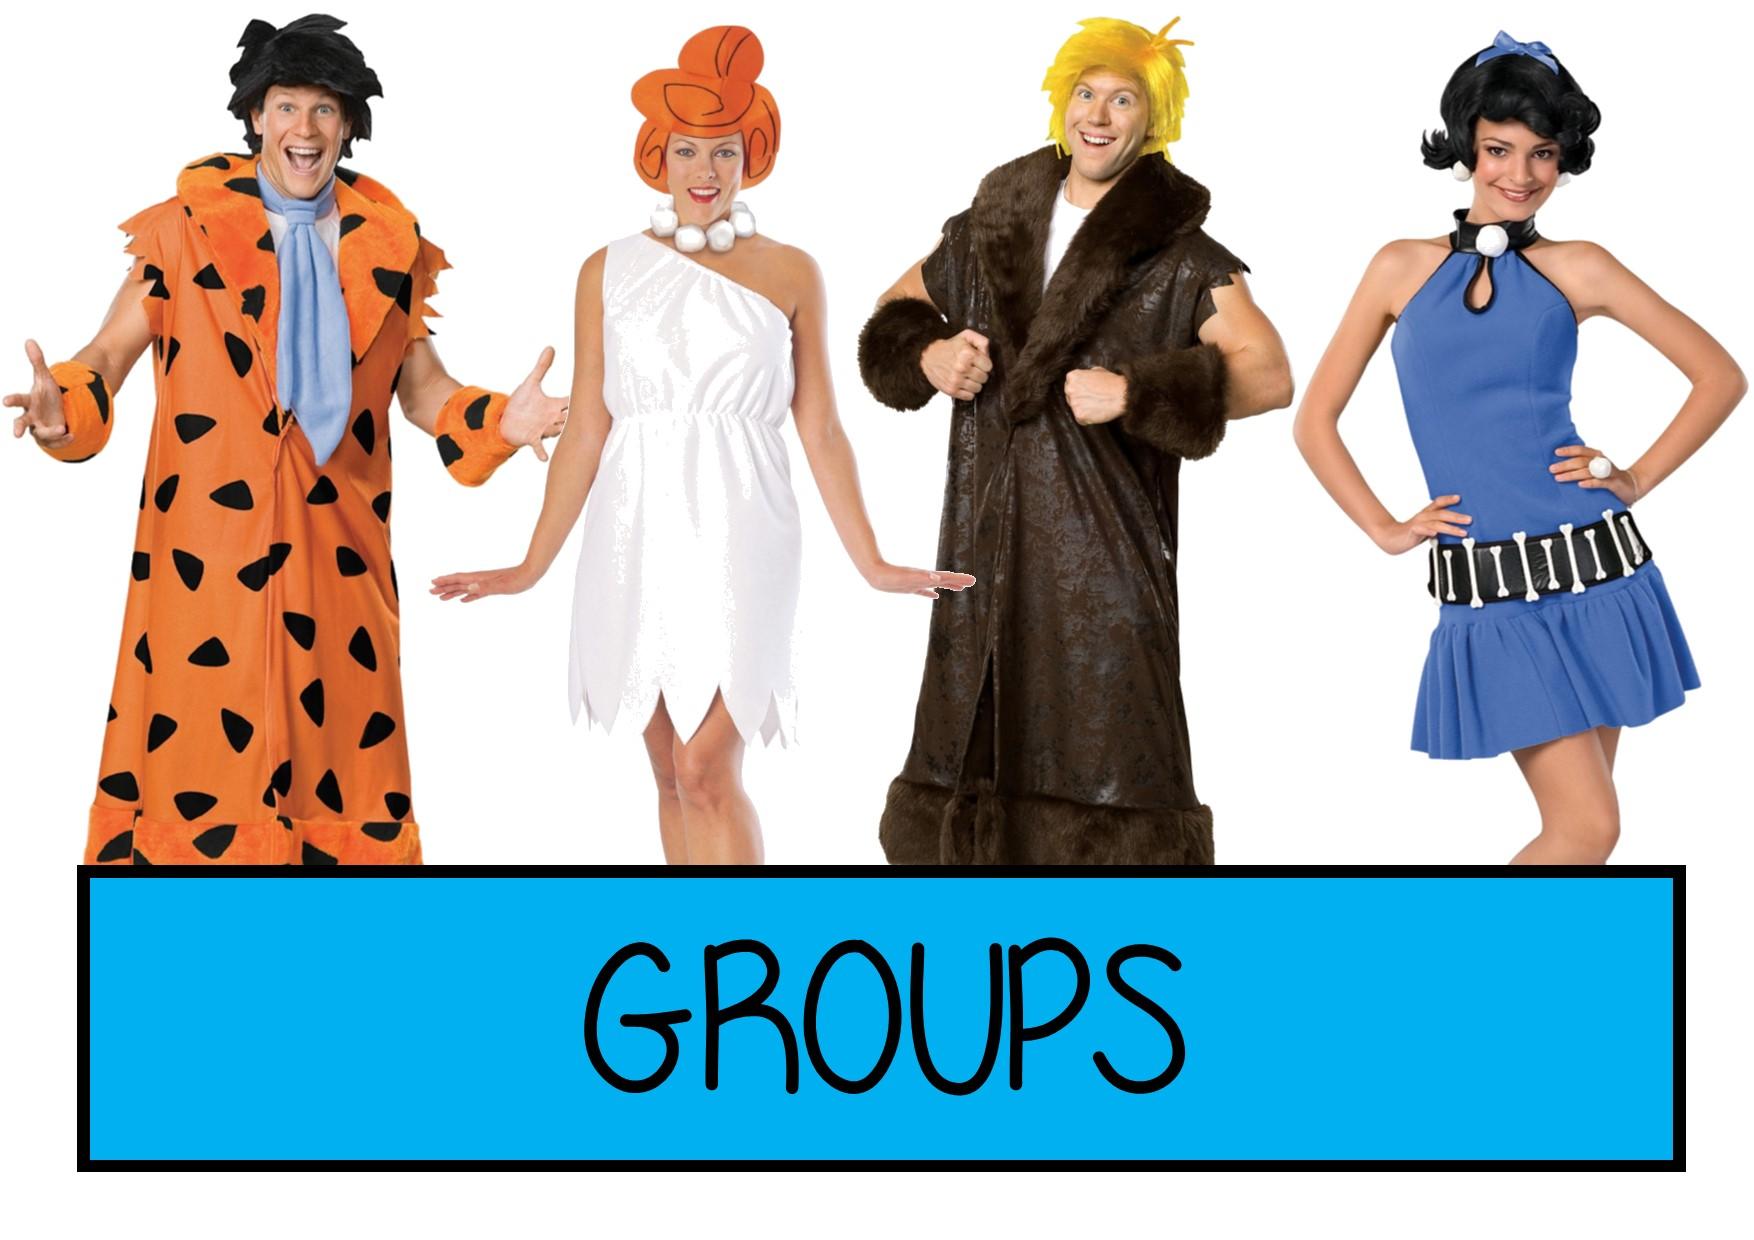 groups fancy dress ideas